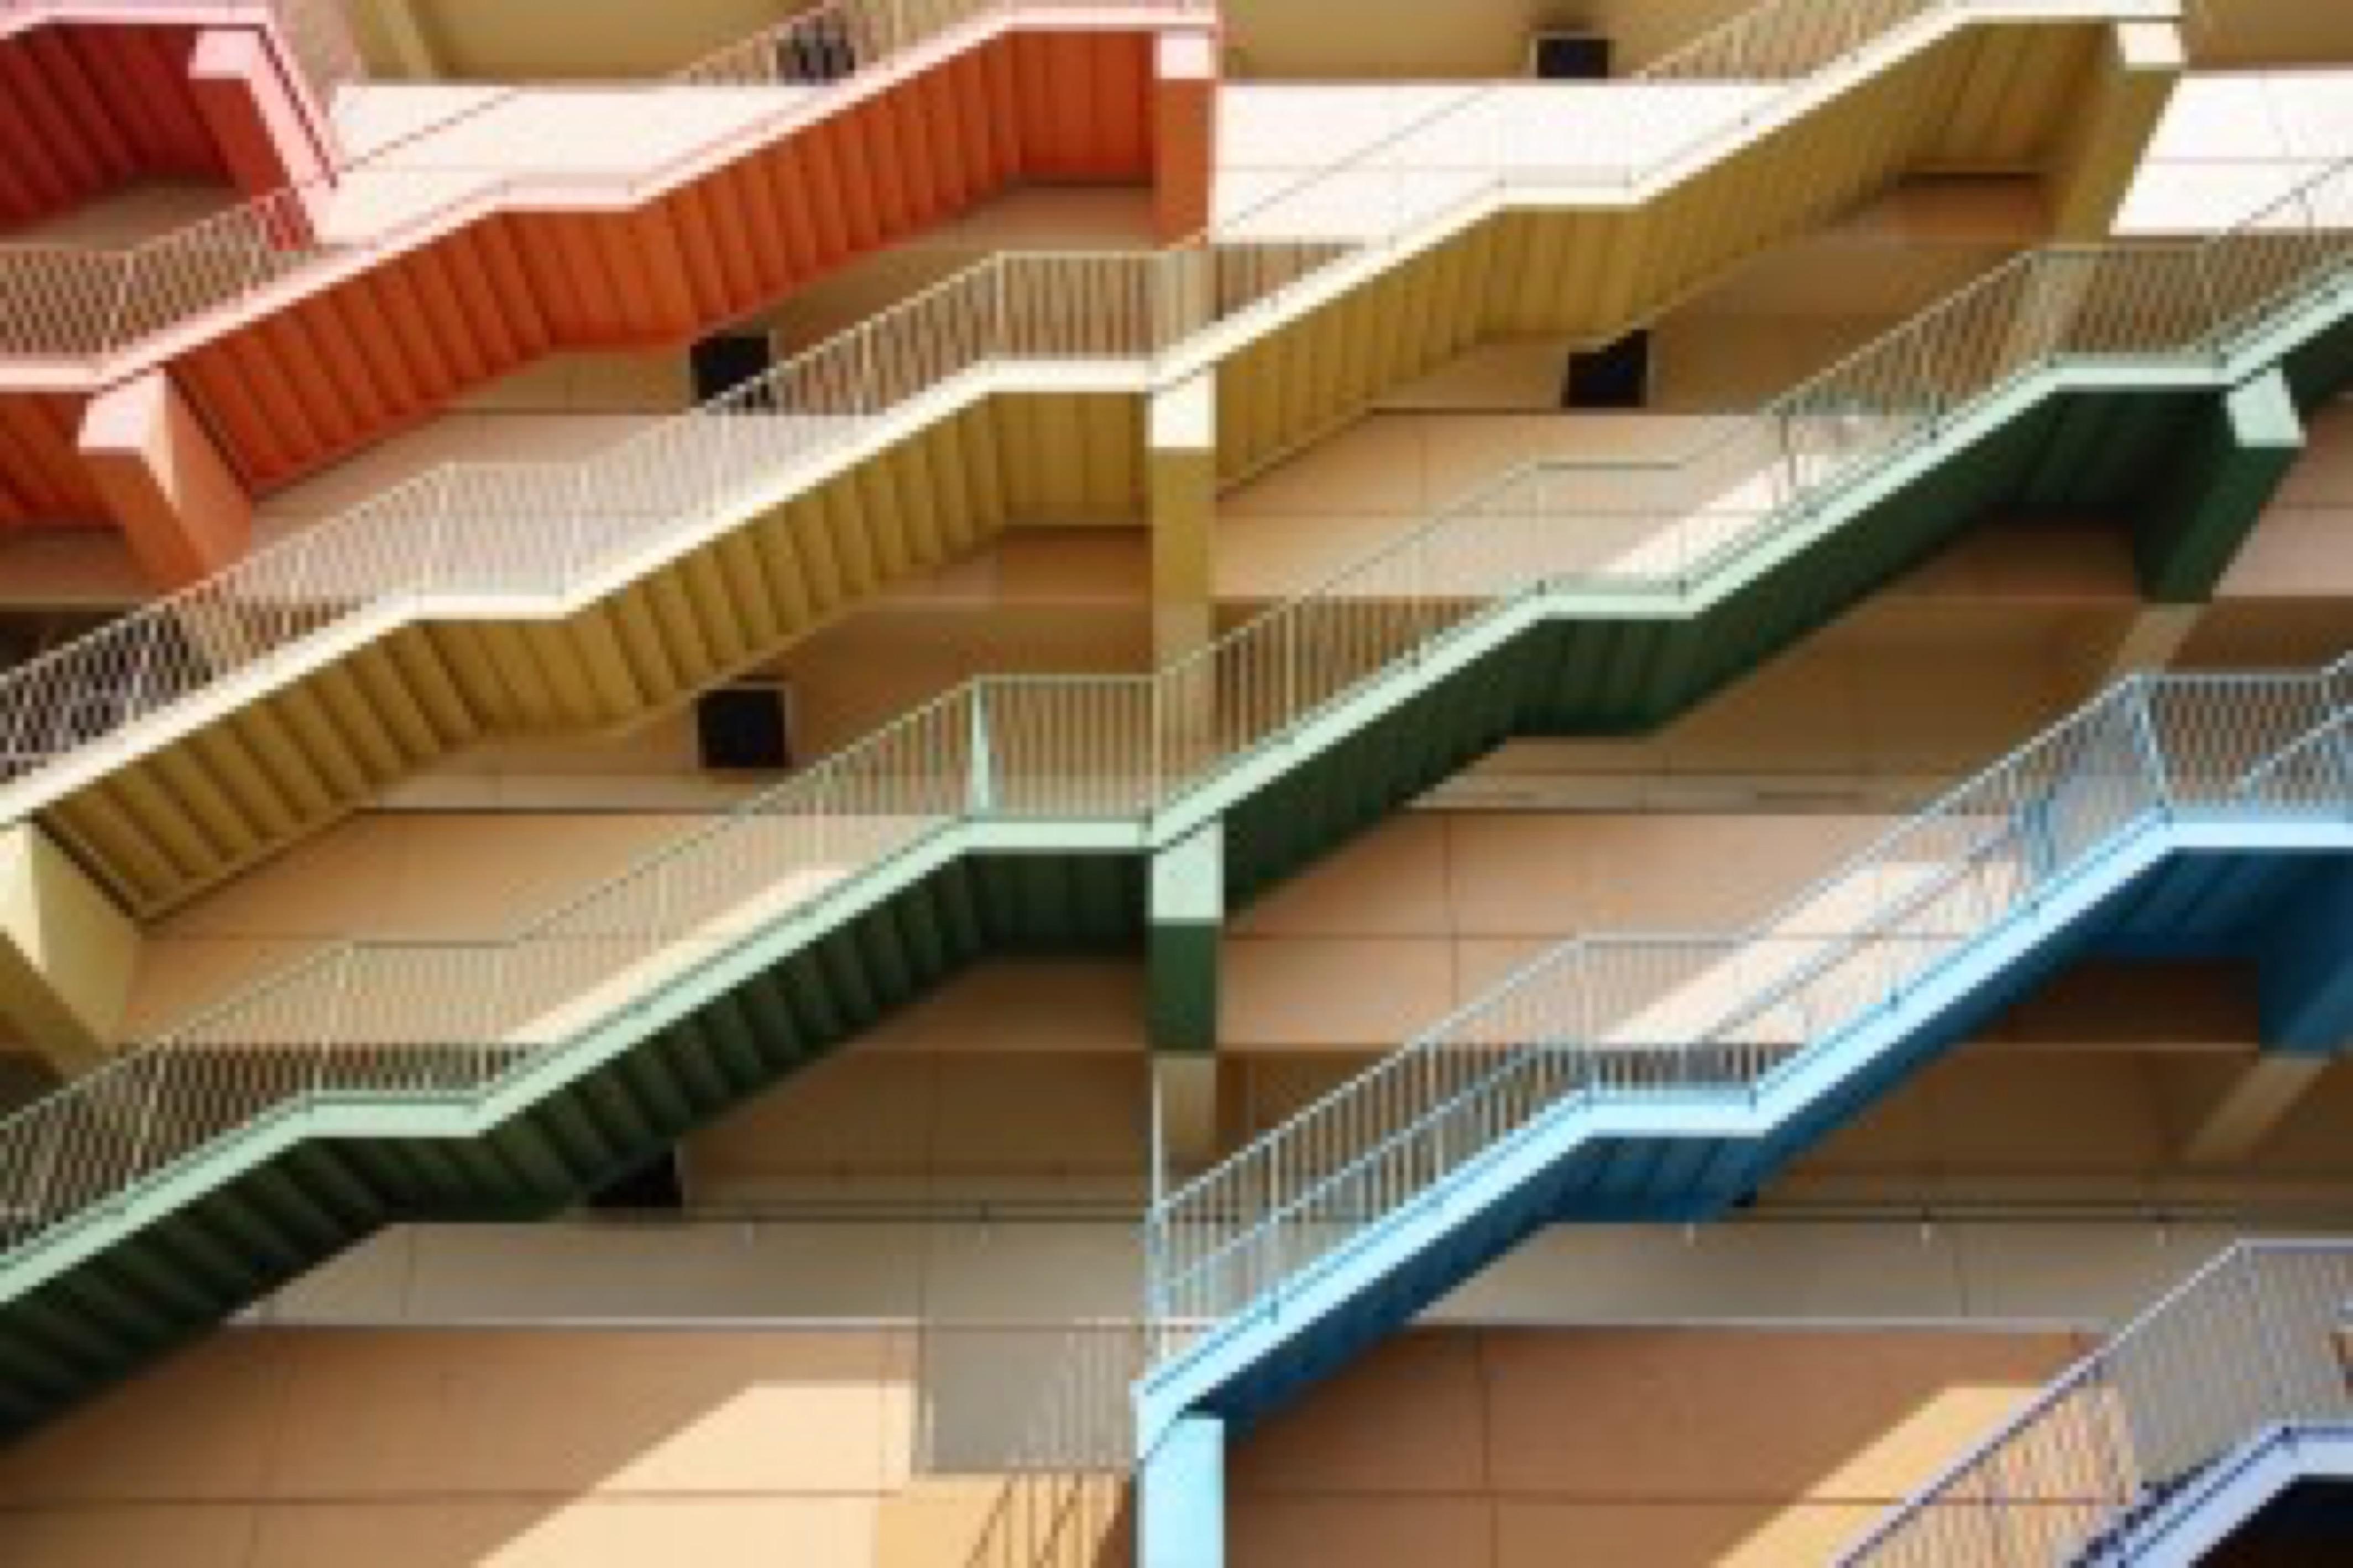 stairways (dollar paid)